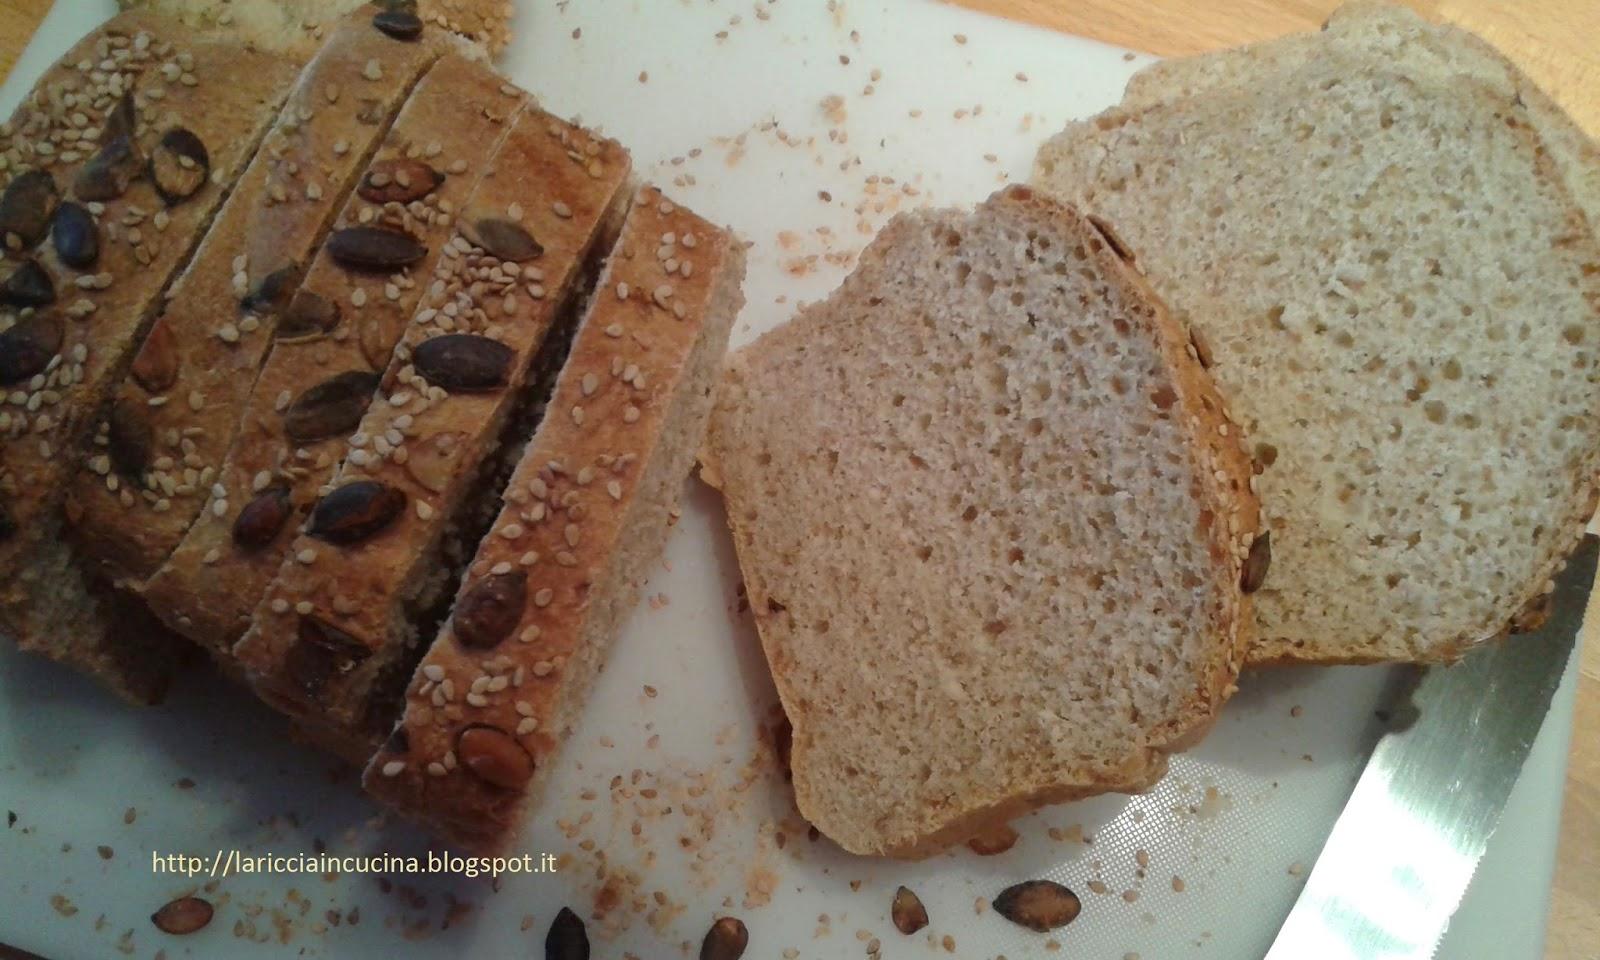 La riccia in cucina pan bauletto con mix di farine e semi - Diversi tipi di permanente riccia ...